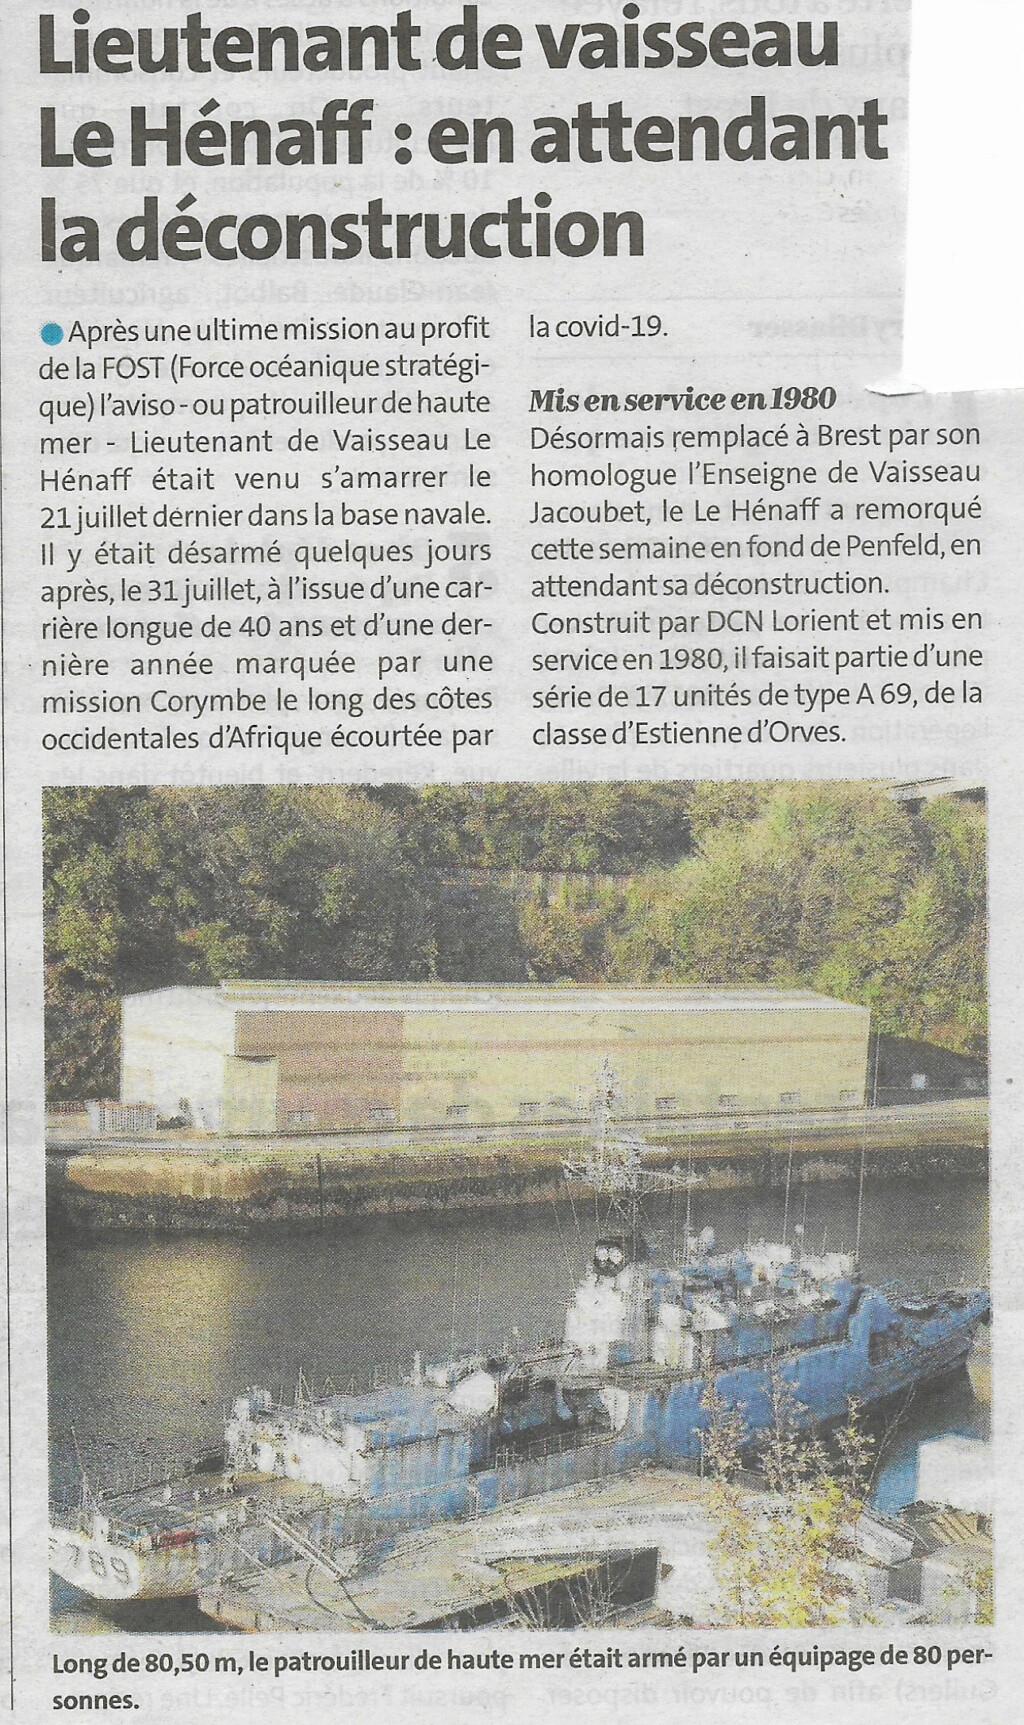 [Autre sujet Marine Nationale] Démantèlement, déconstruction des navires - TOME 2 - Page 7 Lhf10